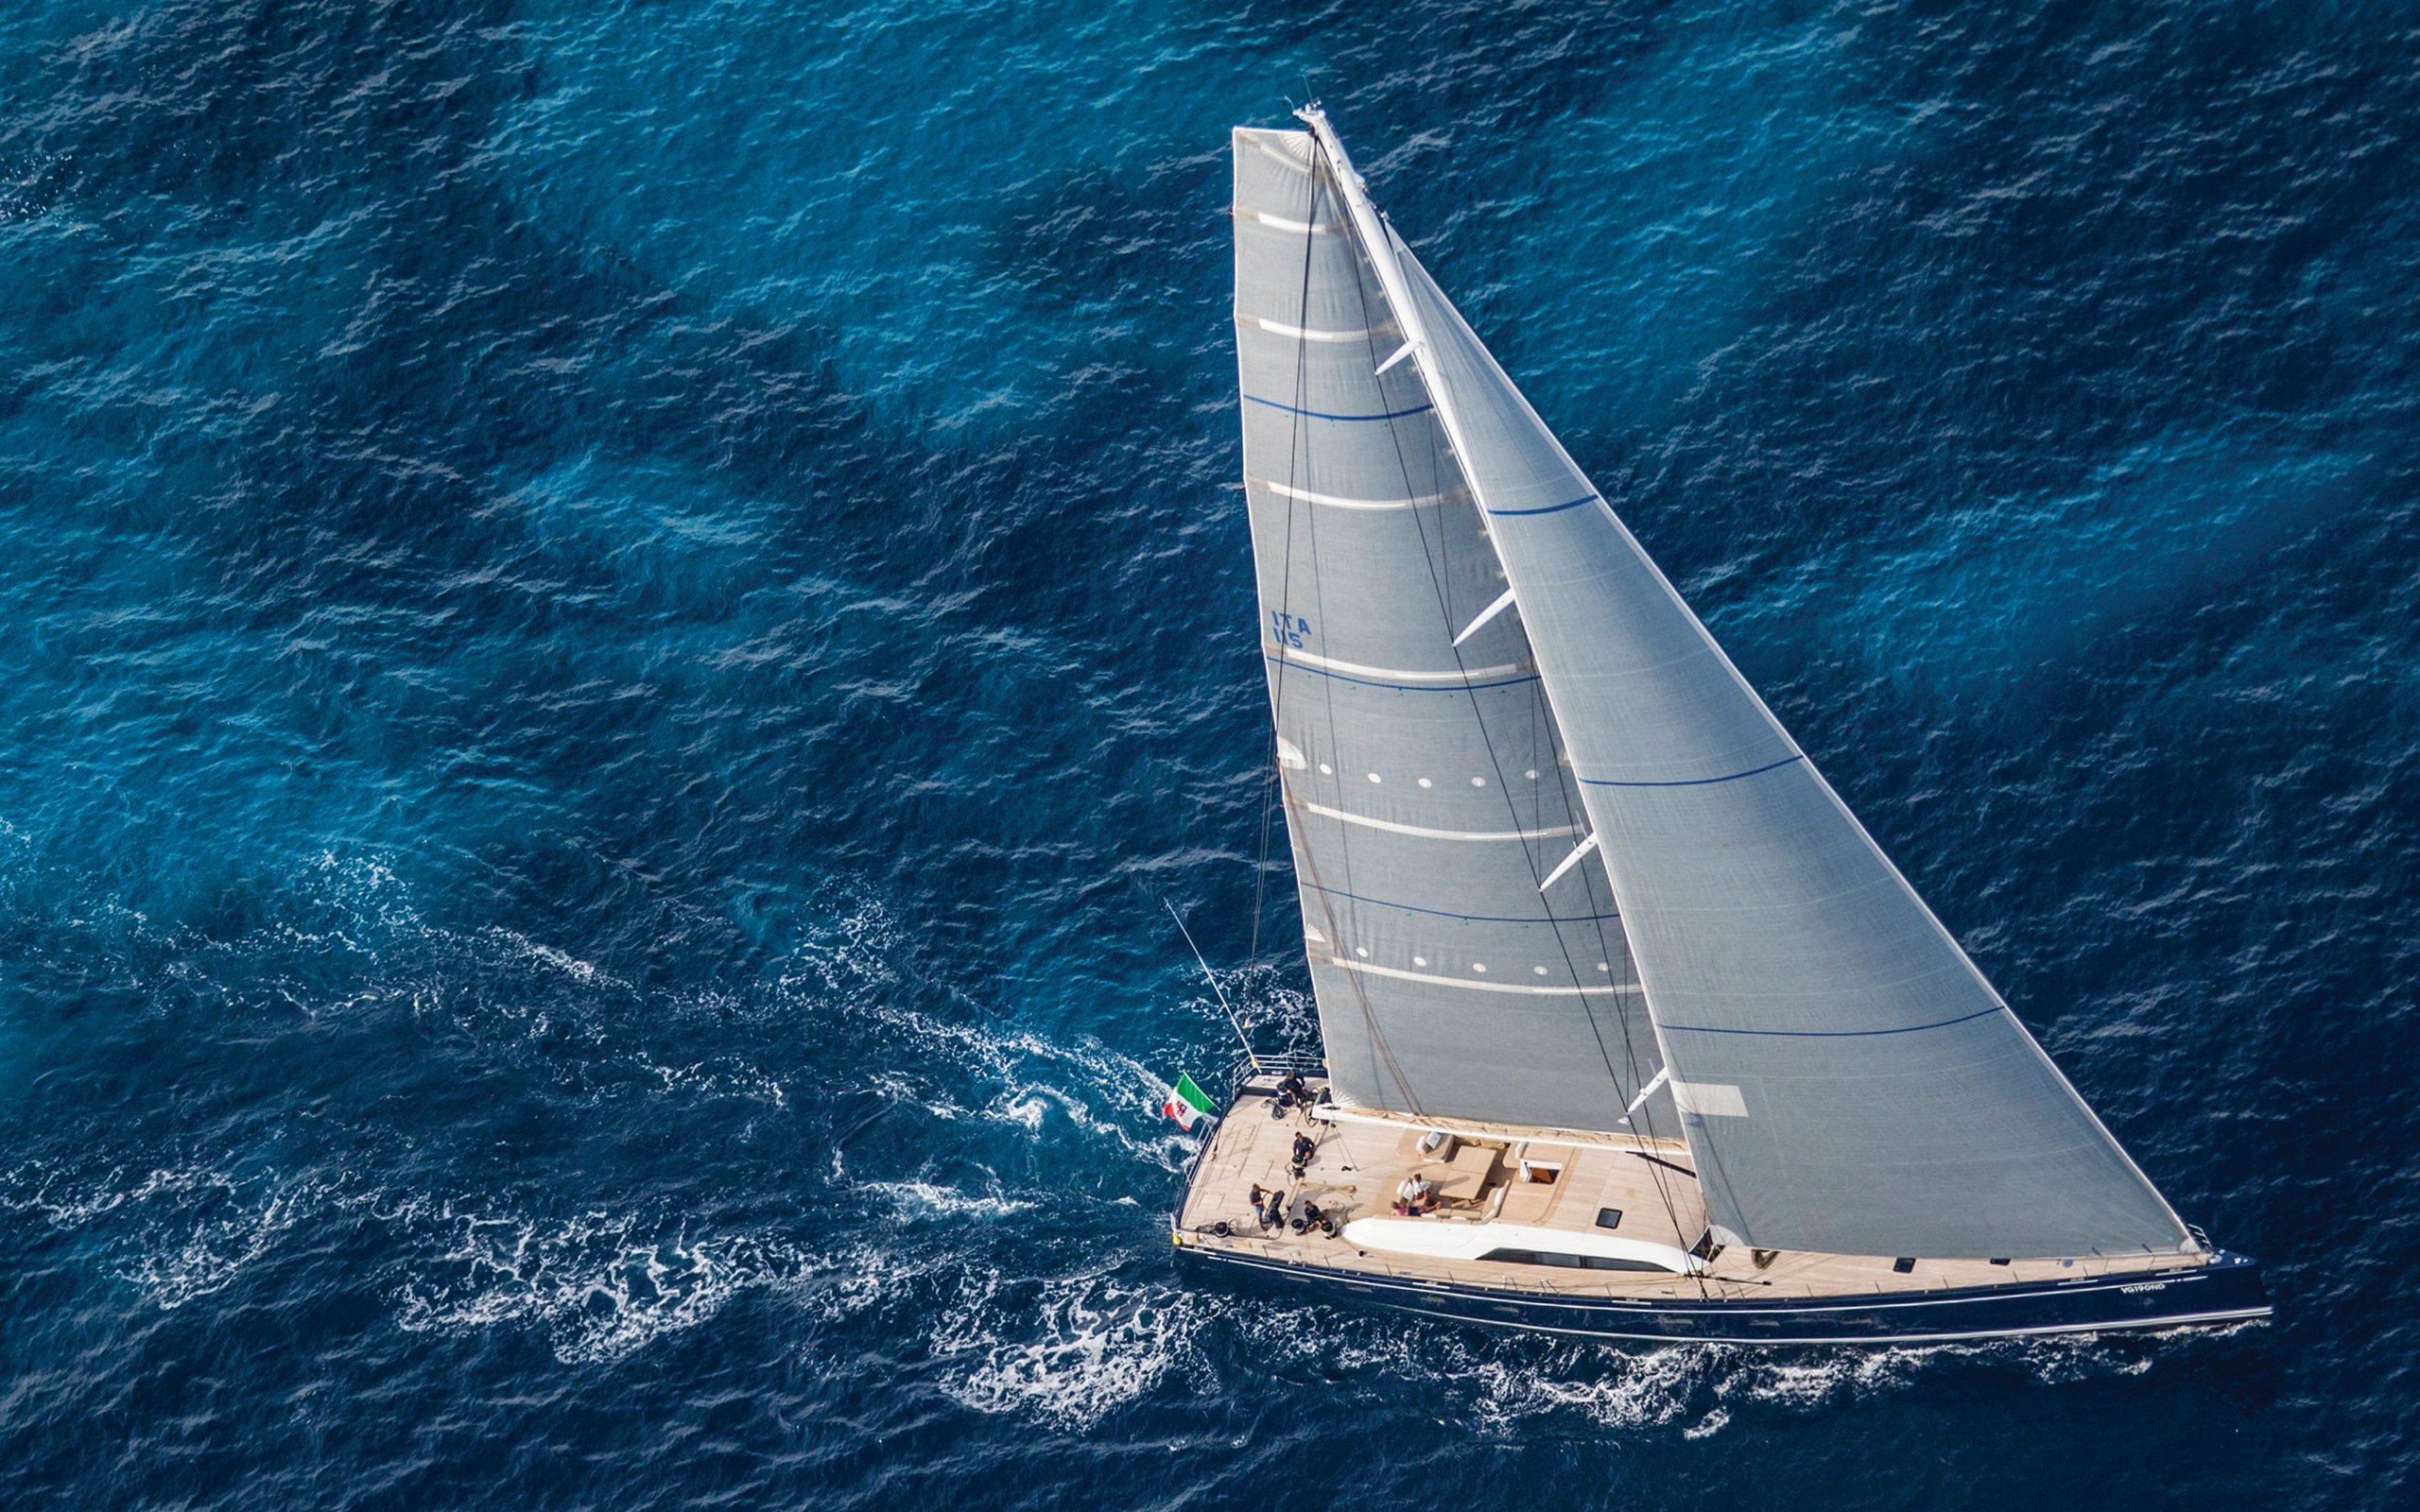 leonardo-ferragamo-profile-Swan-115-Solleone-credit-Carlo-Borlenghi